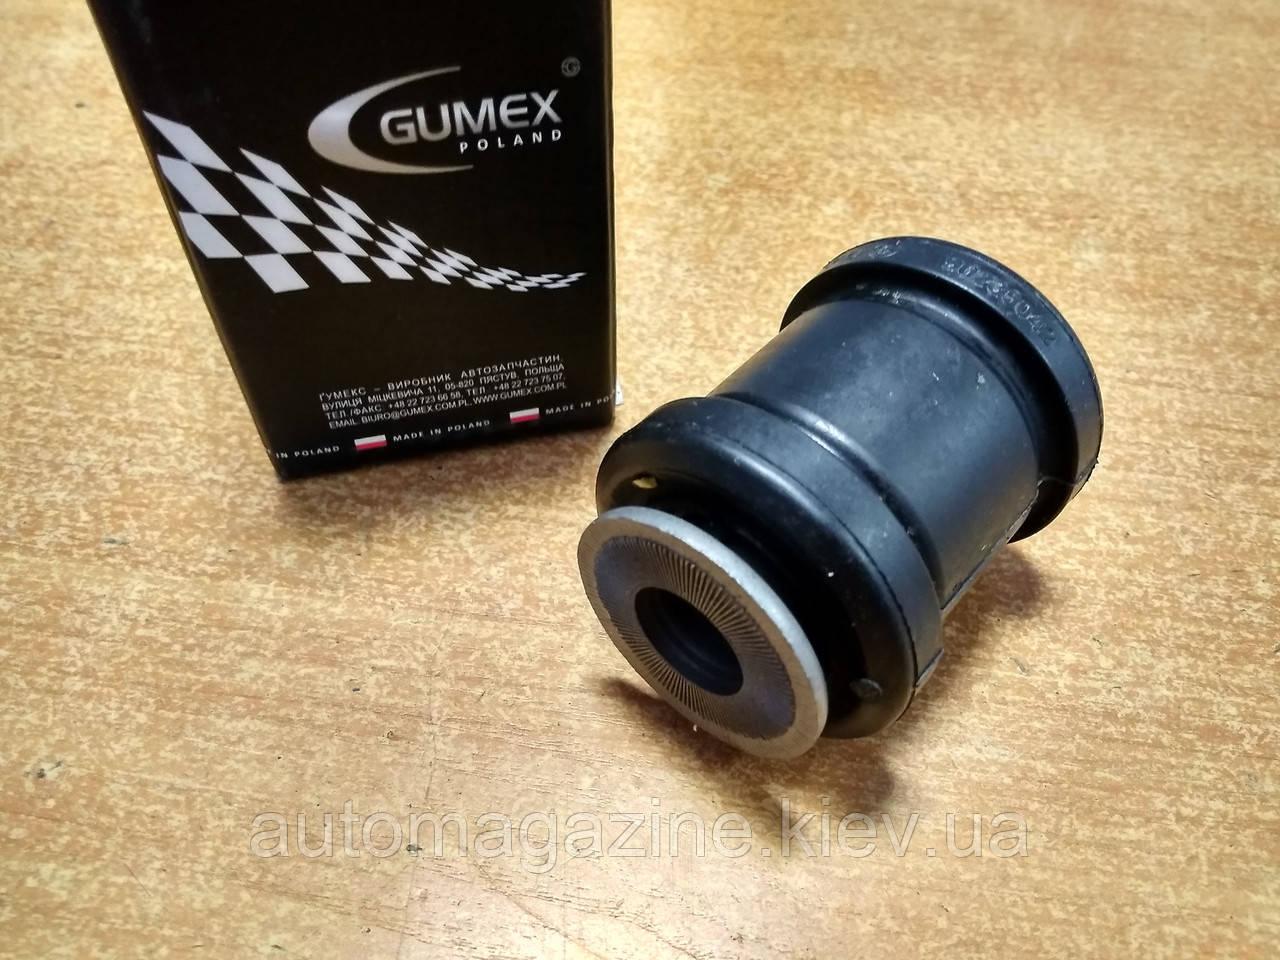 Сайлентблок переднего рычага передний Daewoo Lanos (Gumex)